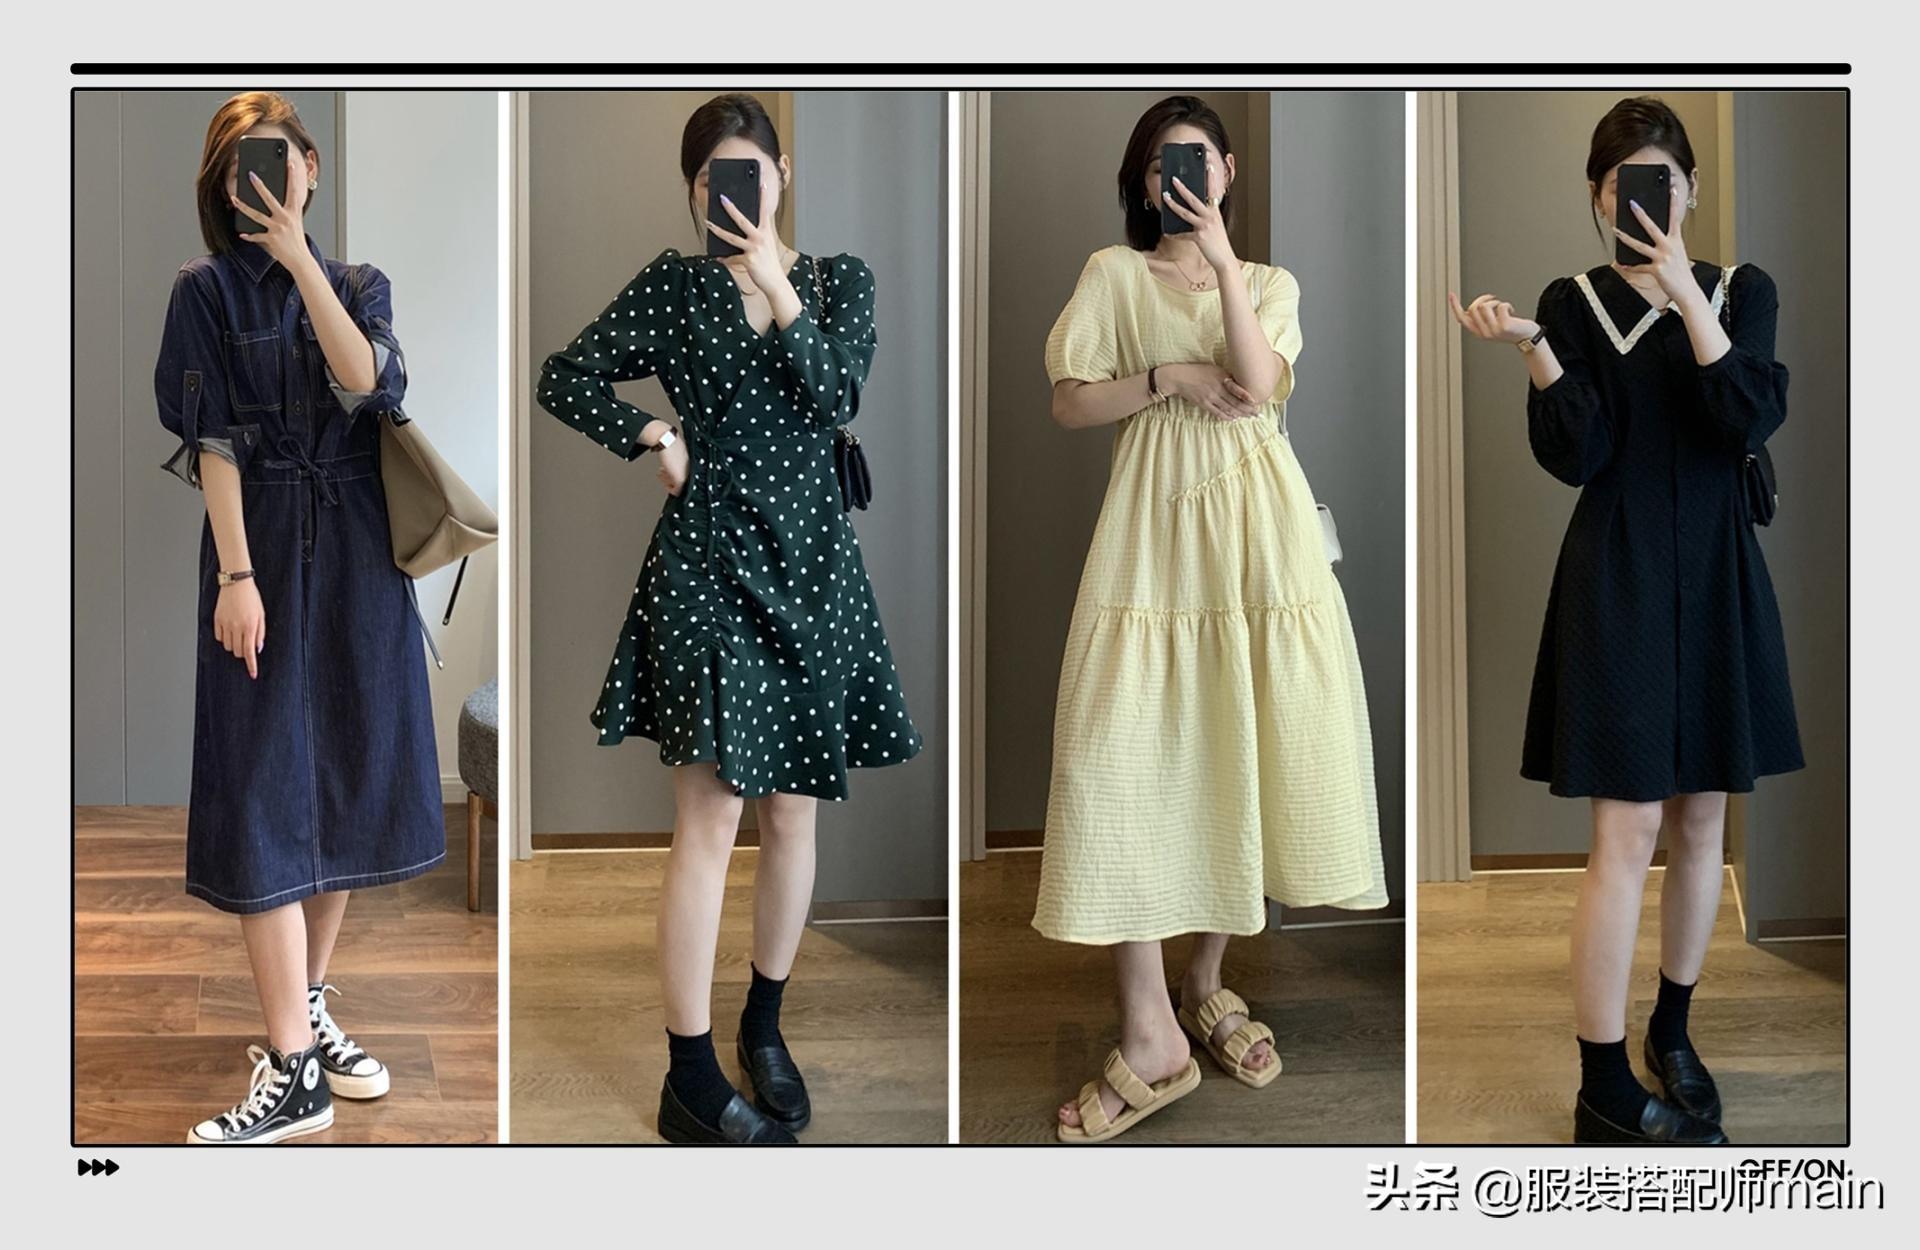 今年早秋必入的5条连衣裙,不挑身材还遮肉,穿上你就是女神